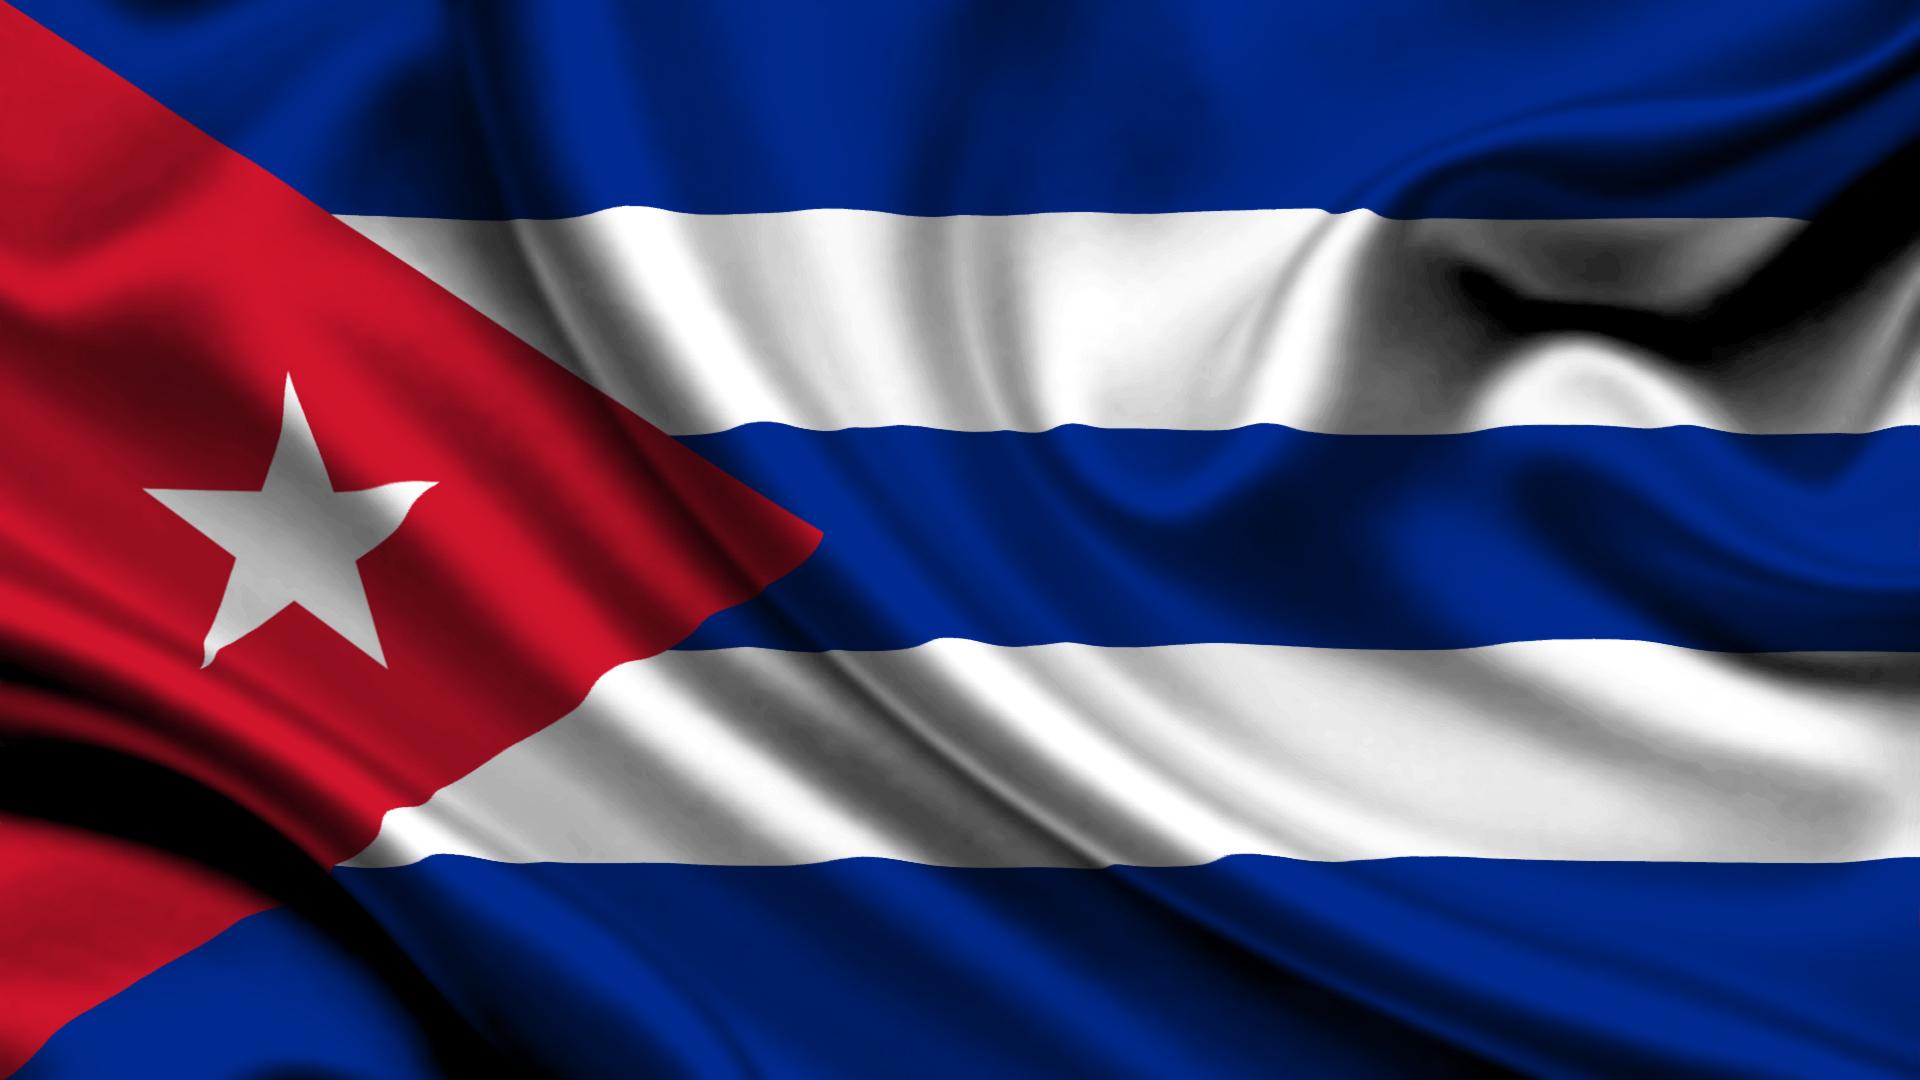 Reporte de Cuba para AJN: El número de personas que visita la CJC se ha incrementado luego del restablecimiento de relaciones entre Cuba y EEUU